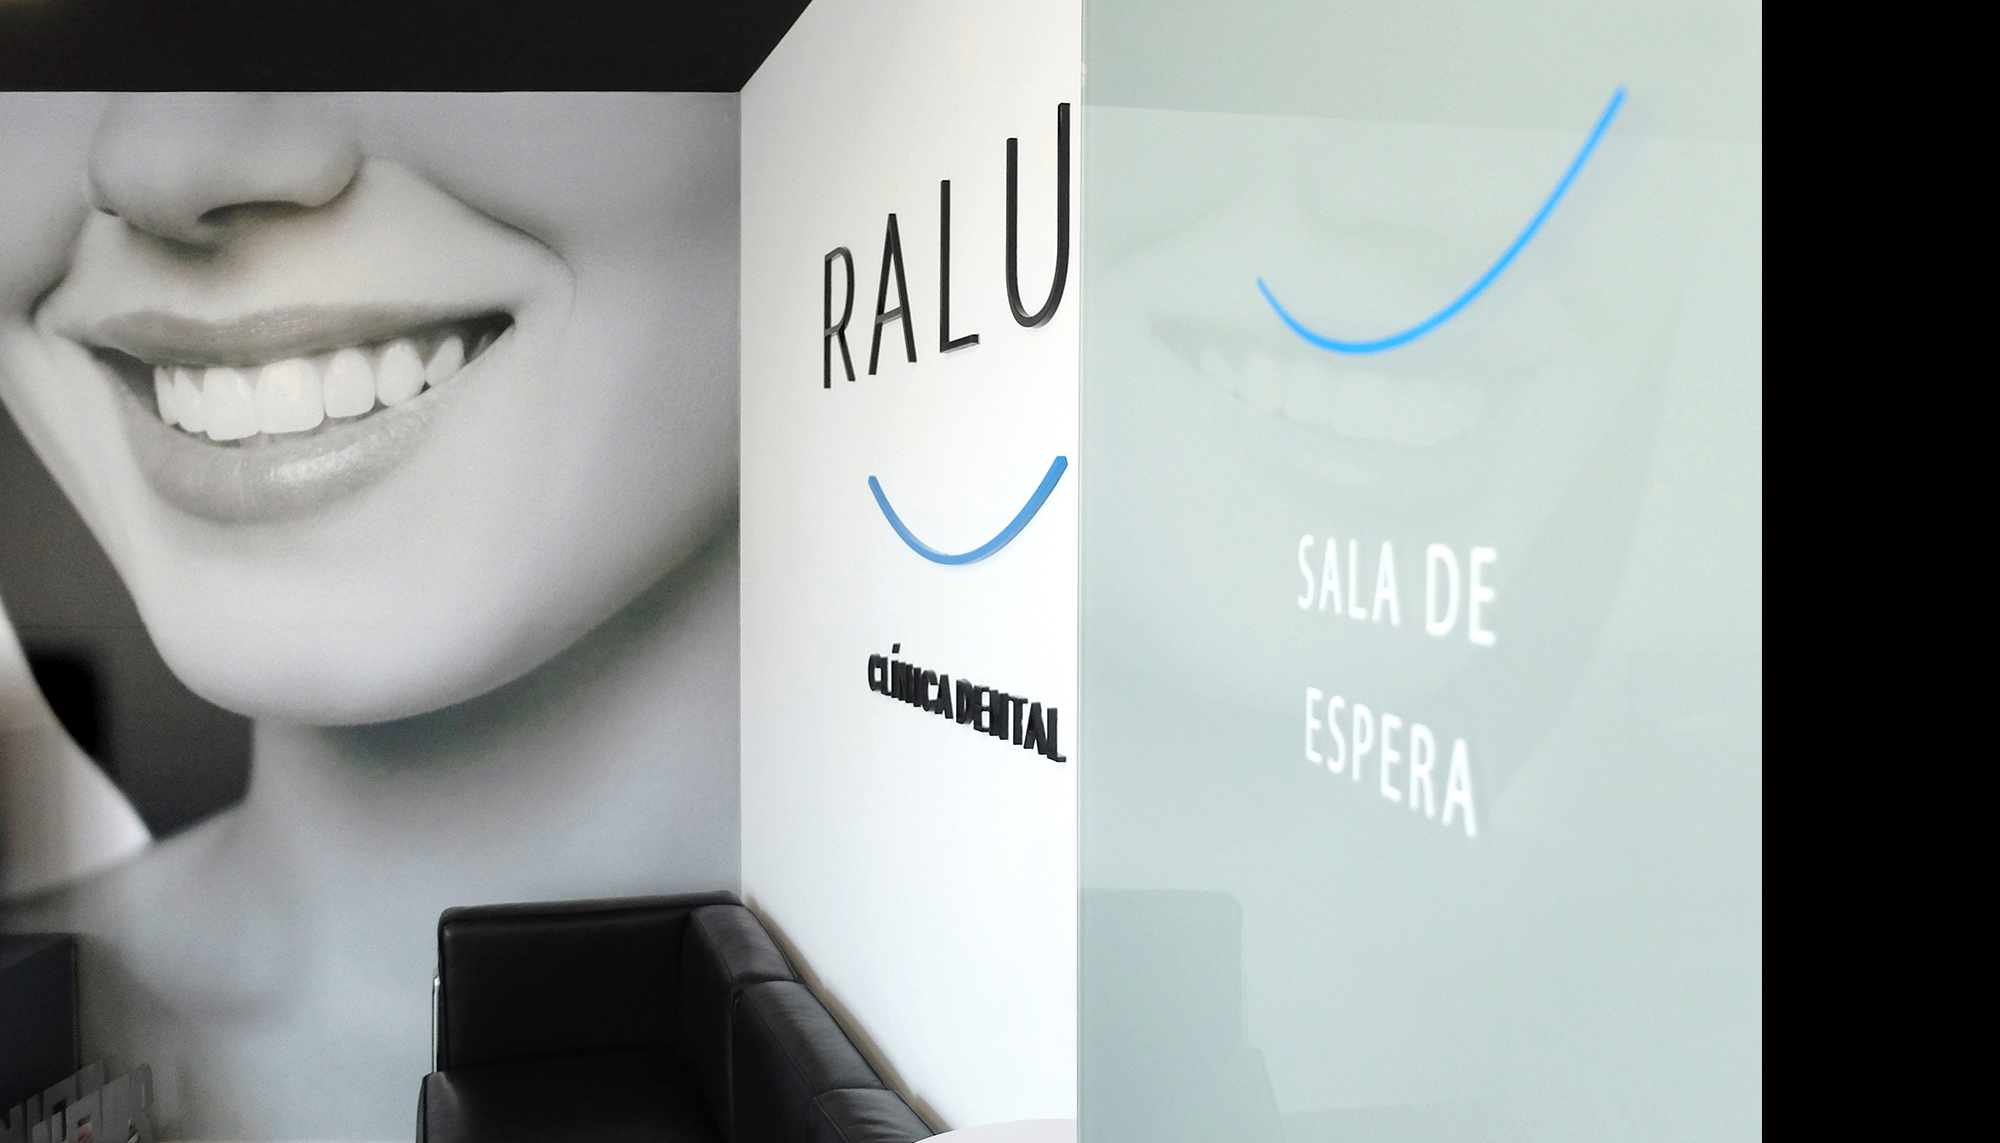 Imagen Corporativa Clínica Dental Raluy